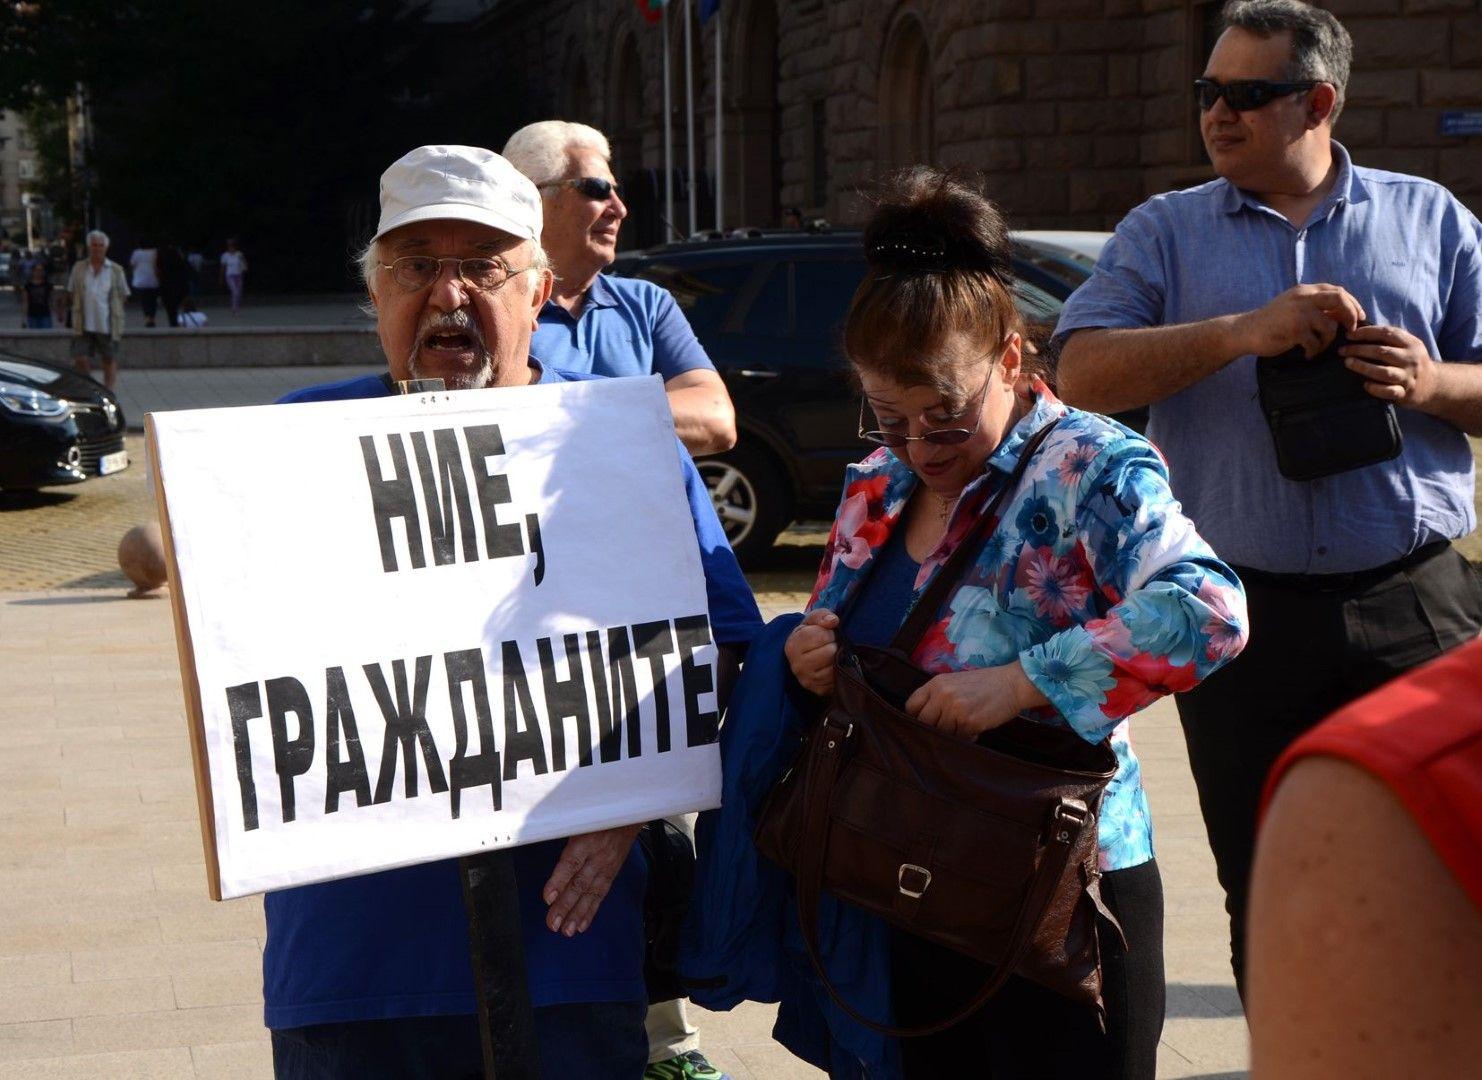 Кабинетът си присвоявал пари от еврофондове, твърдяха демонстрантите